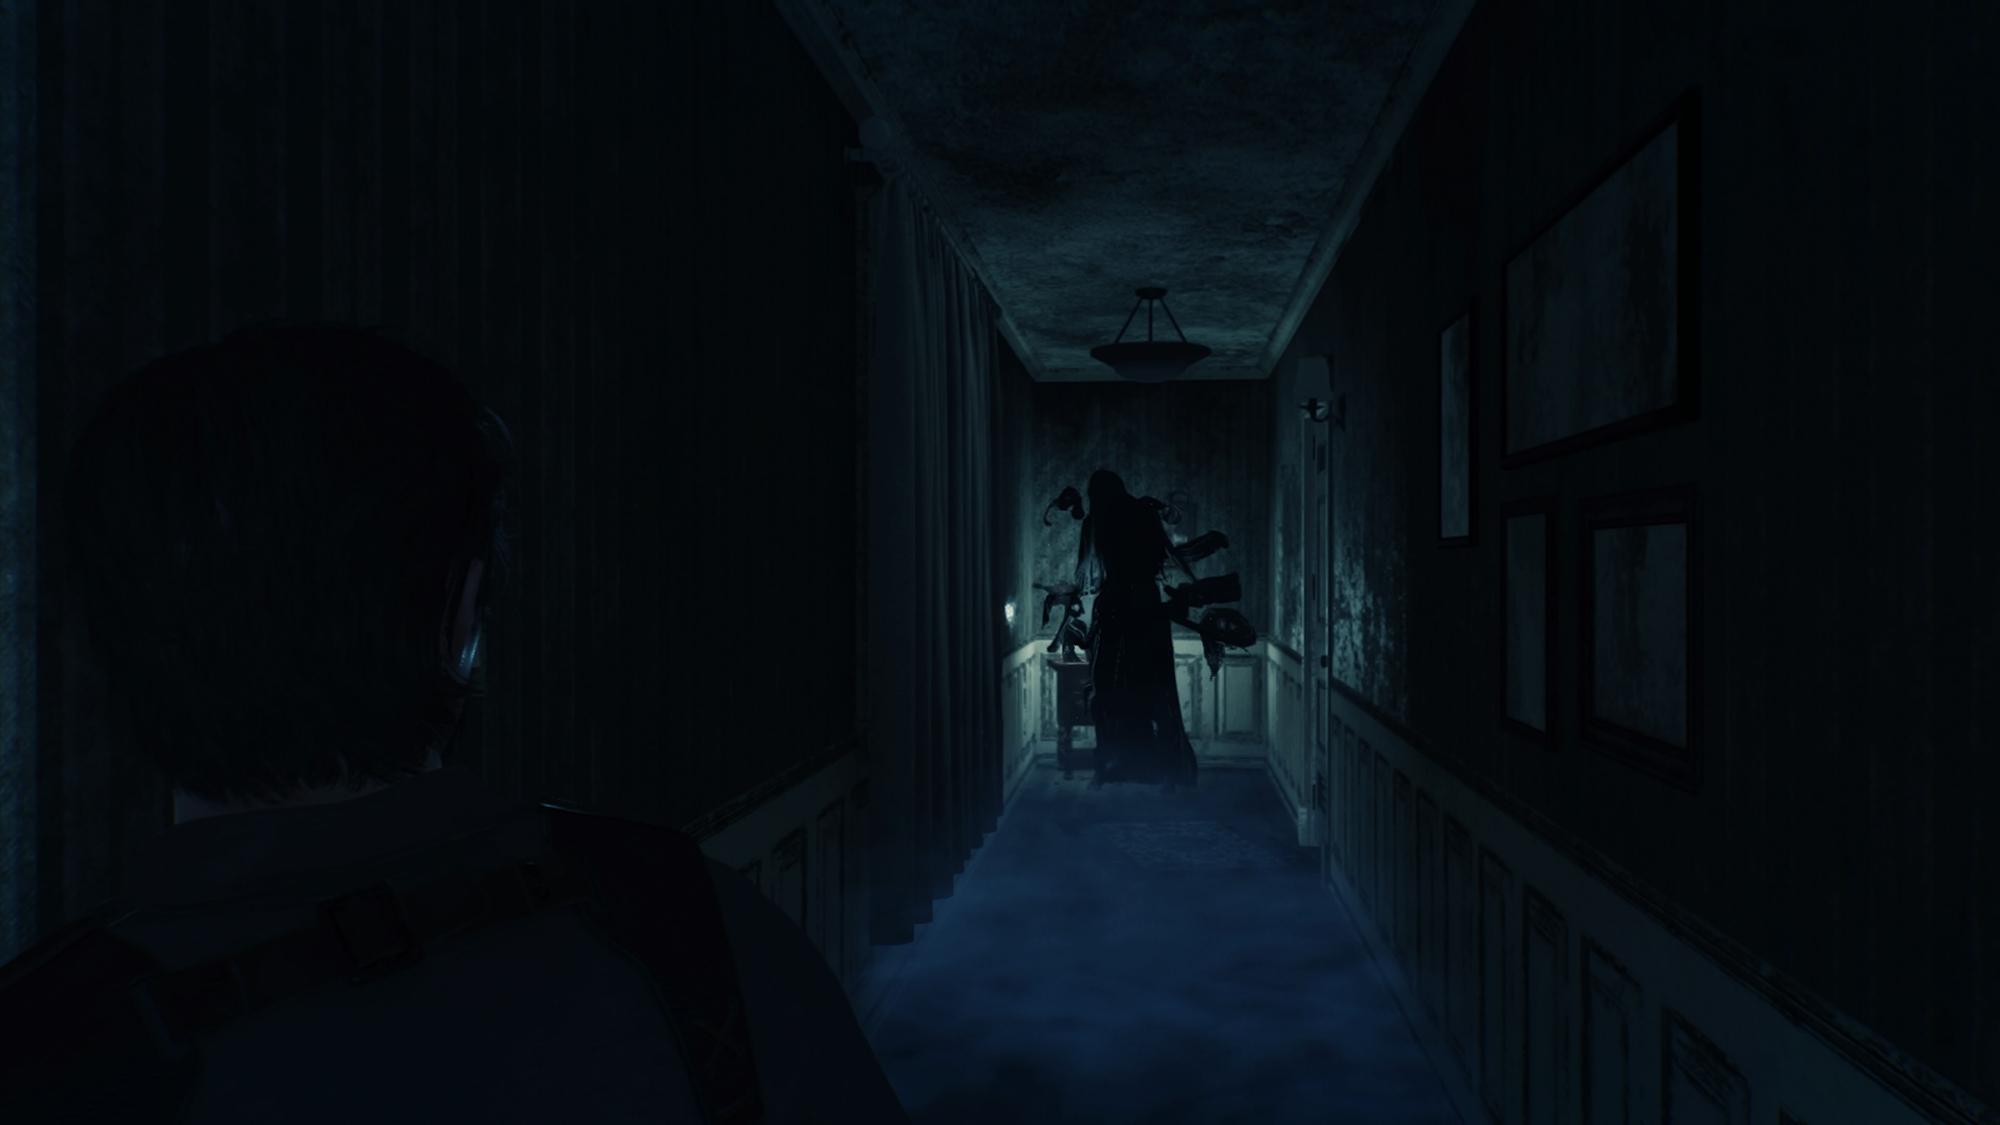 Viciante e visceral, Evil Within 2 é até injustiçado lá fora, mas aqui não